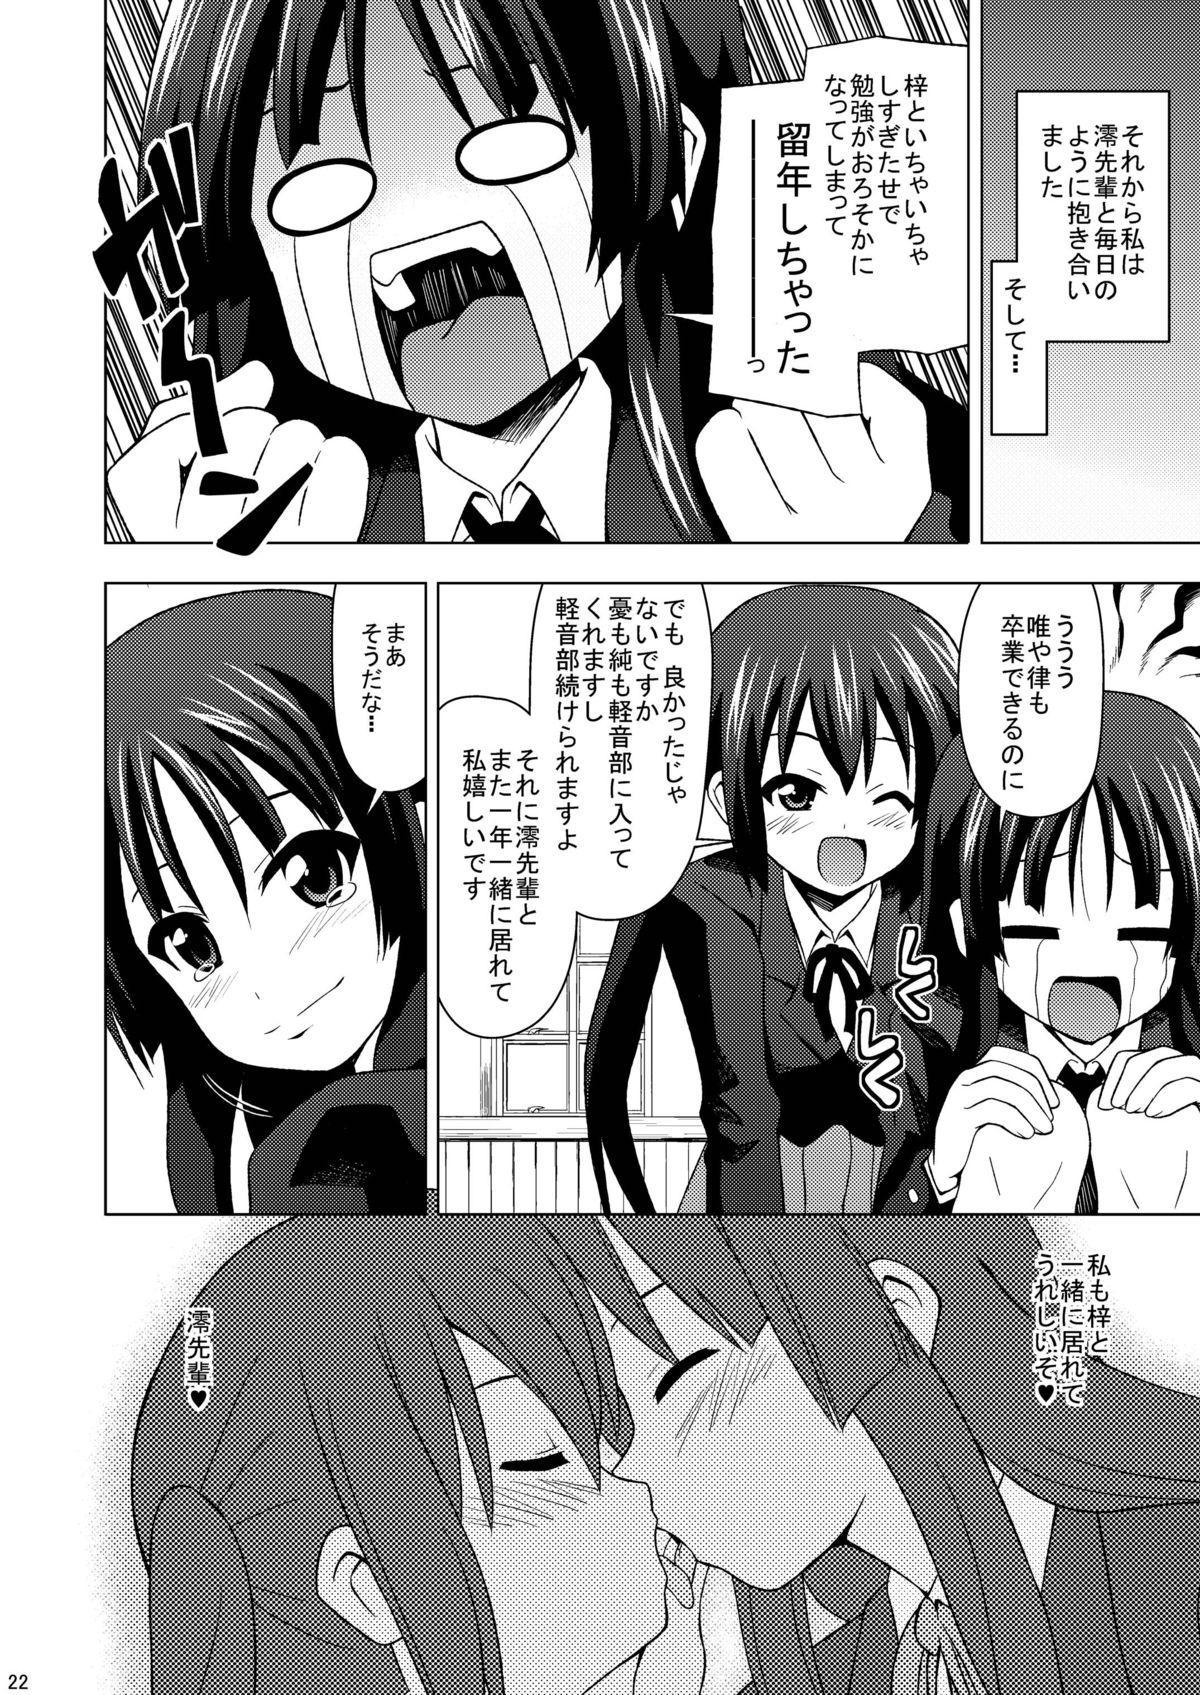 Mio Azu Yuri Yuri 23